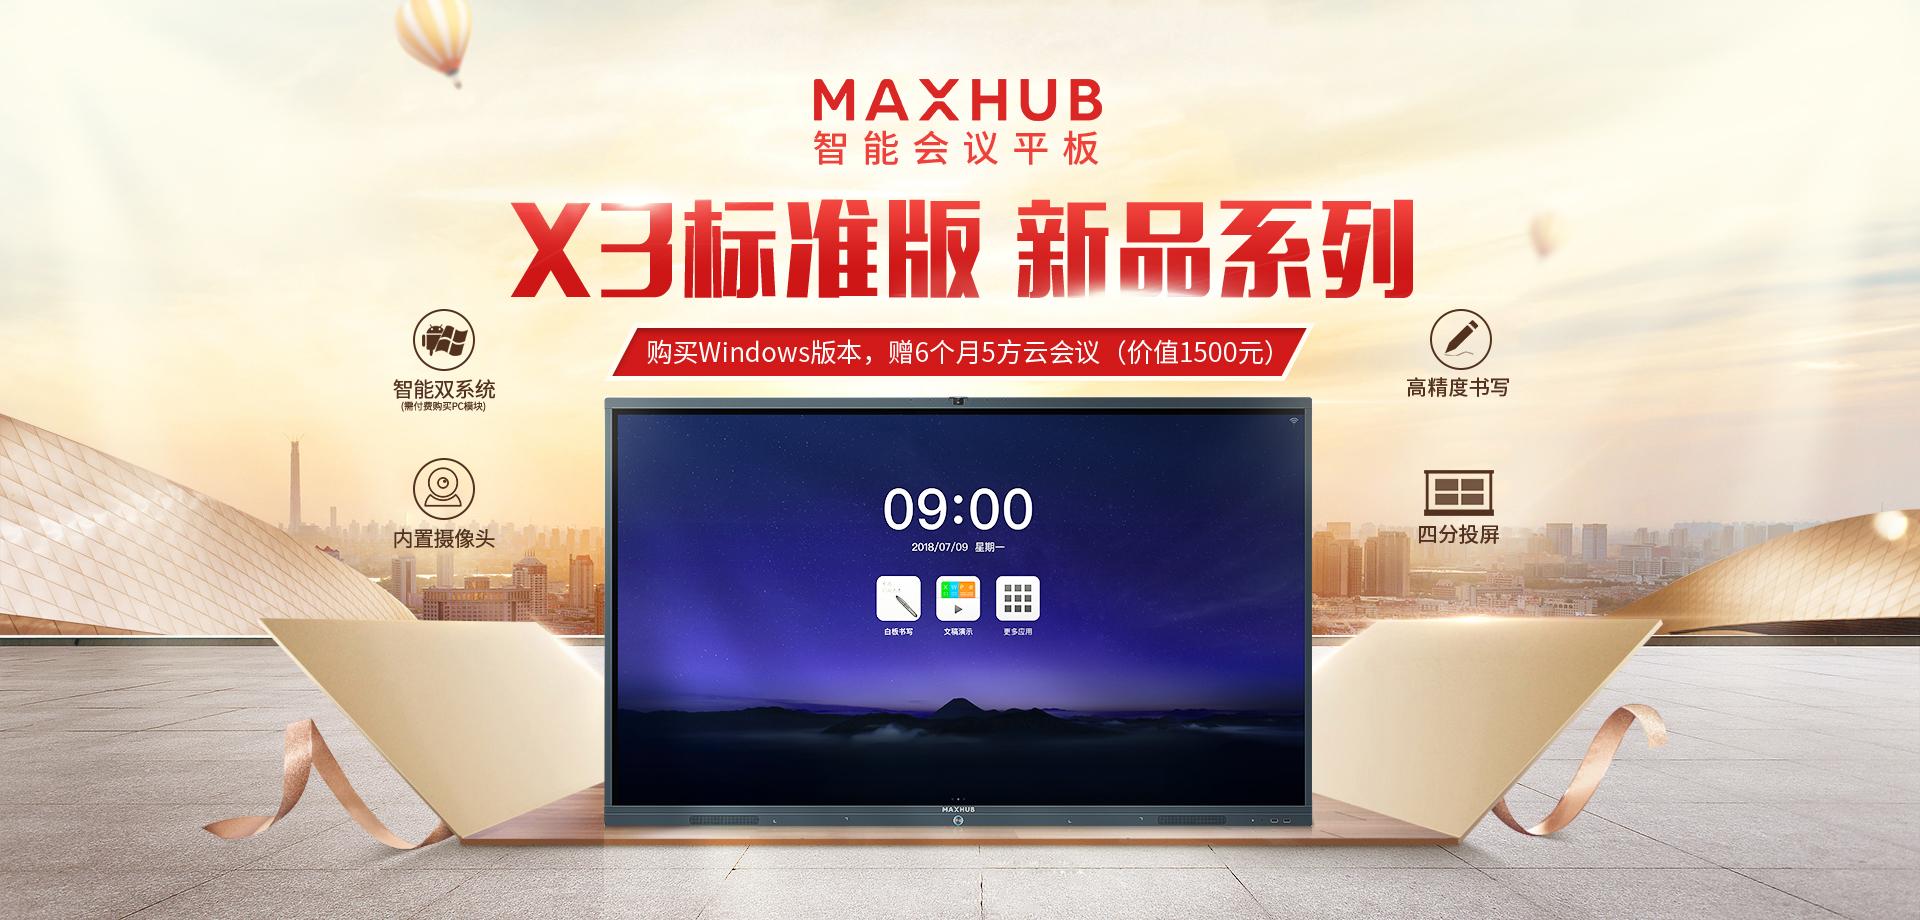 MAXHUB X3标准版